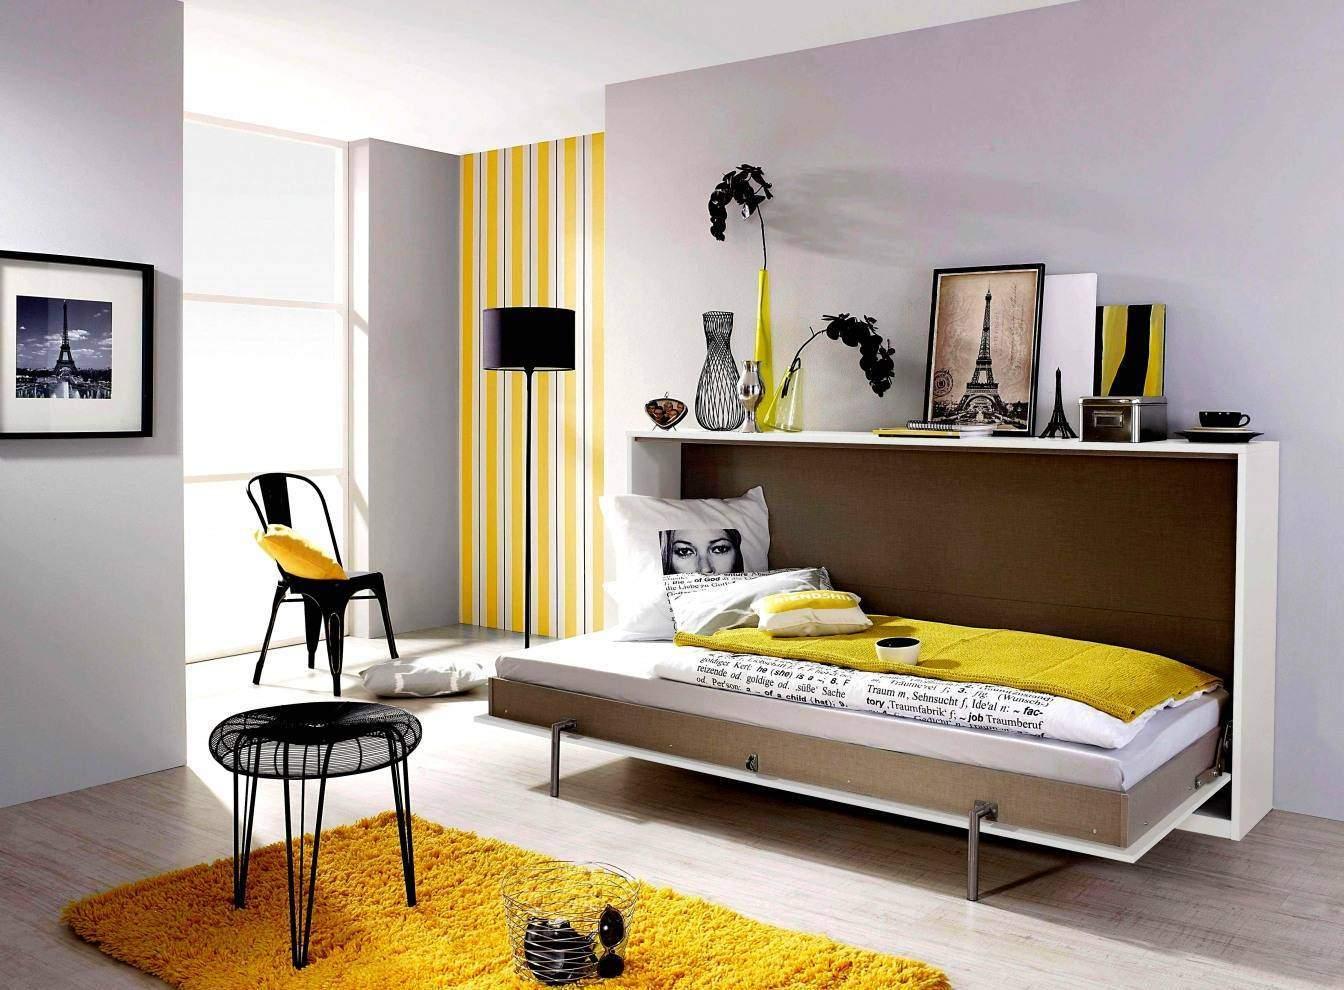 hangesessel wohnzimmer luxus design hangesessel wohnzimmer home decor wallpaper of hangesessel wohnzimmer